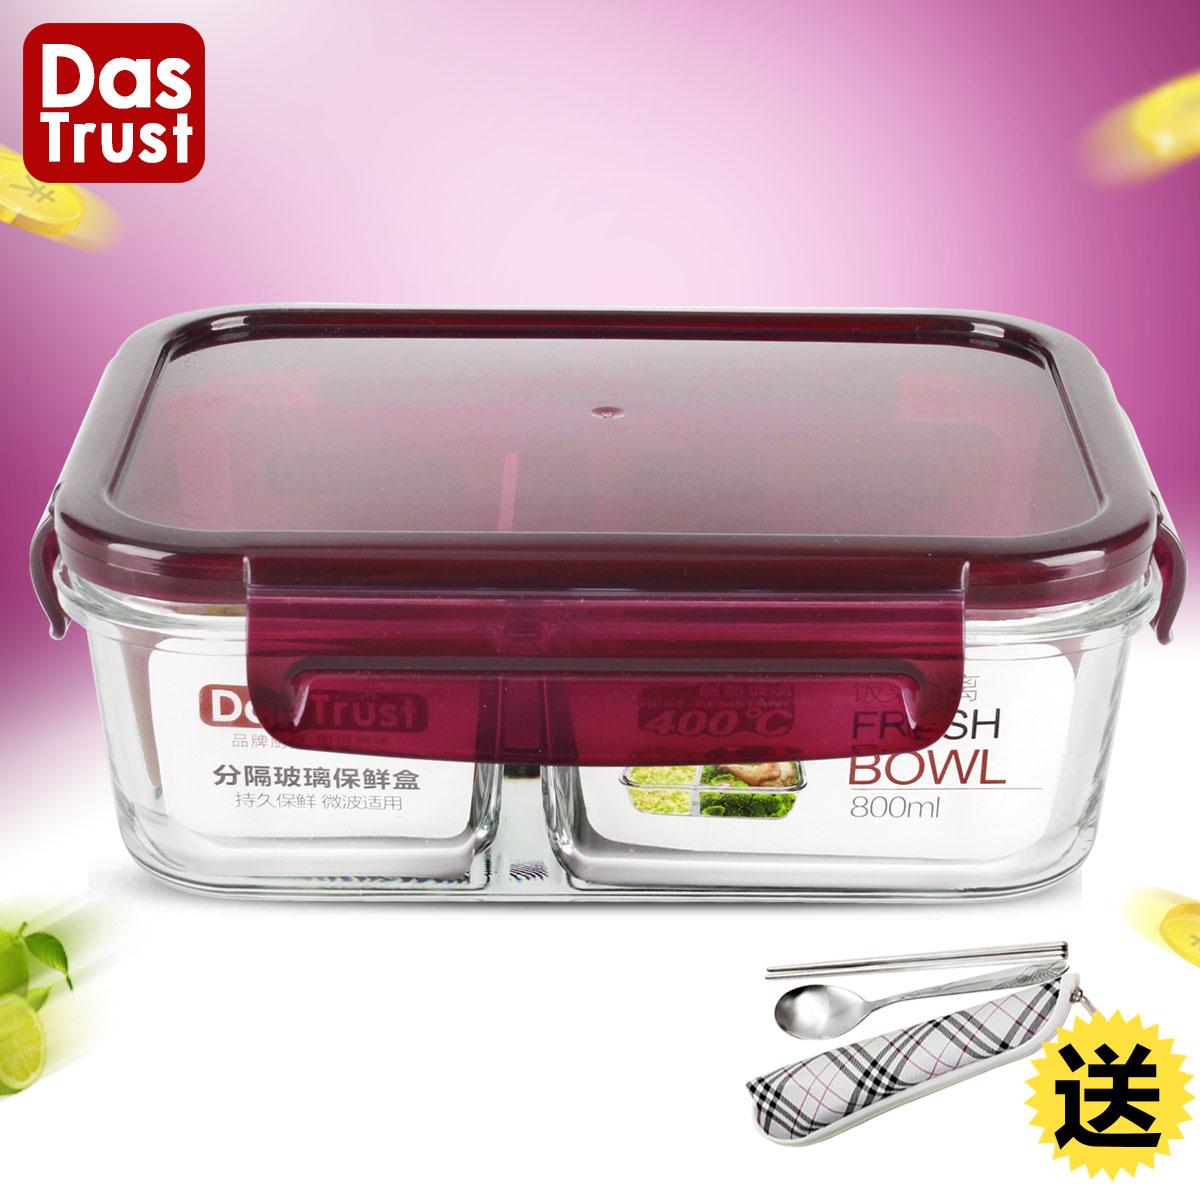 创得大号耐热玻璃饭盒便当盒微波炉专用保鲜盒密封玻璃碗带盖